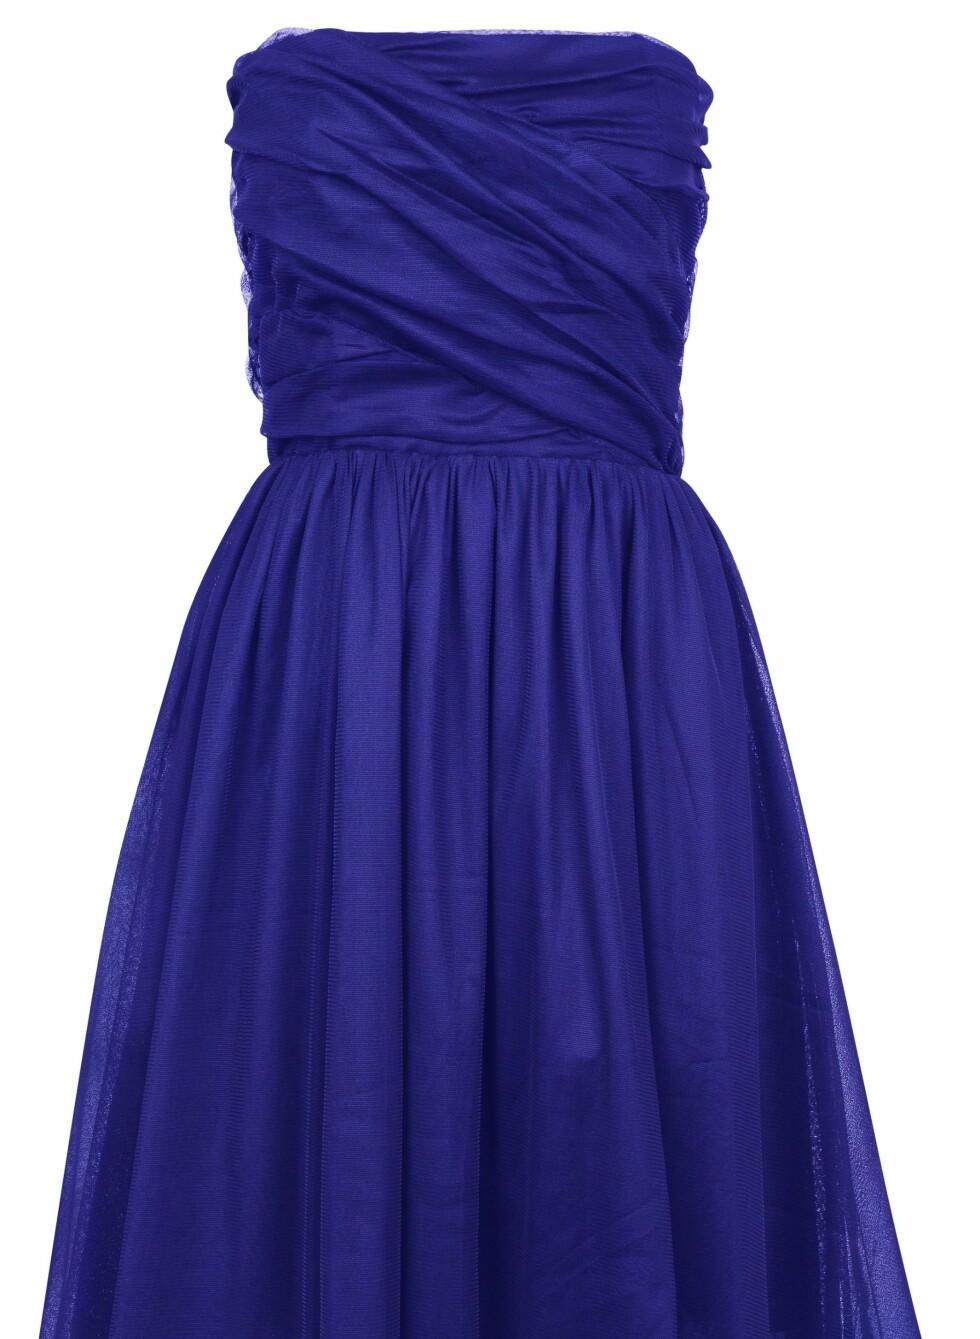 299 KRONER: Nydelig tyllkjole i kongeblått.  Foto: Produsenten